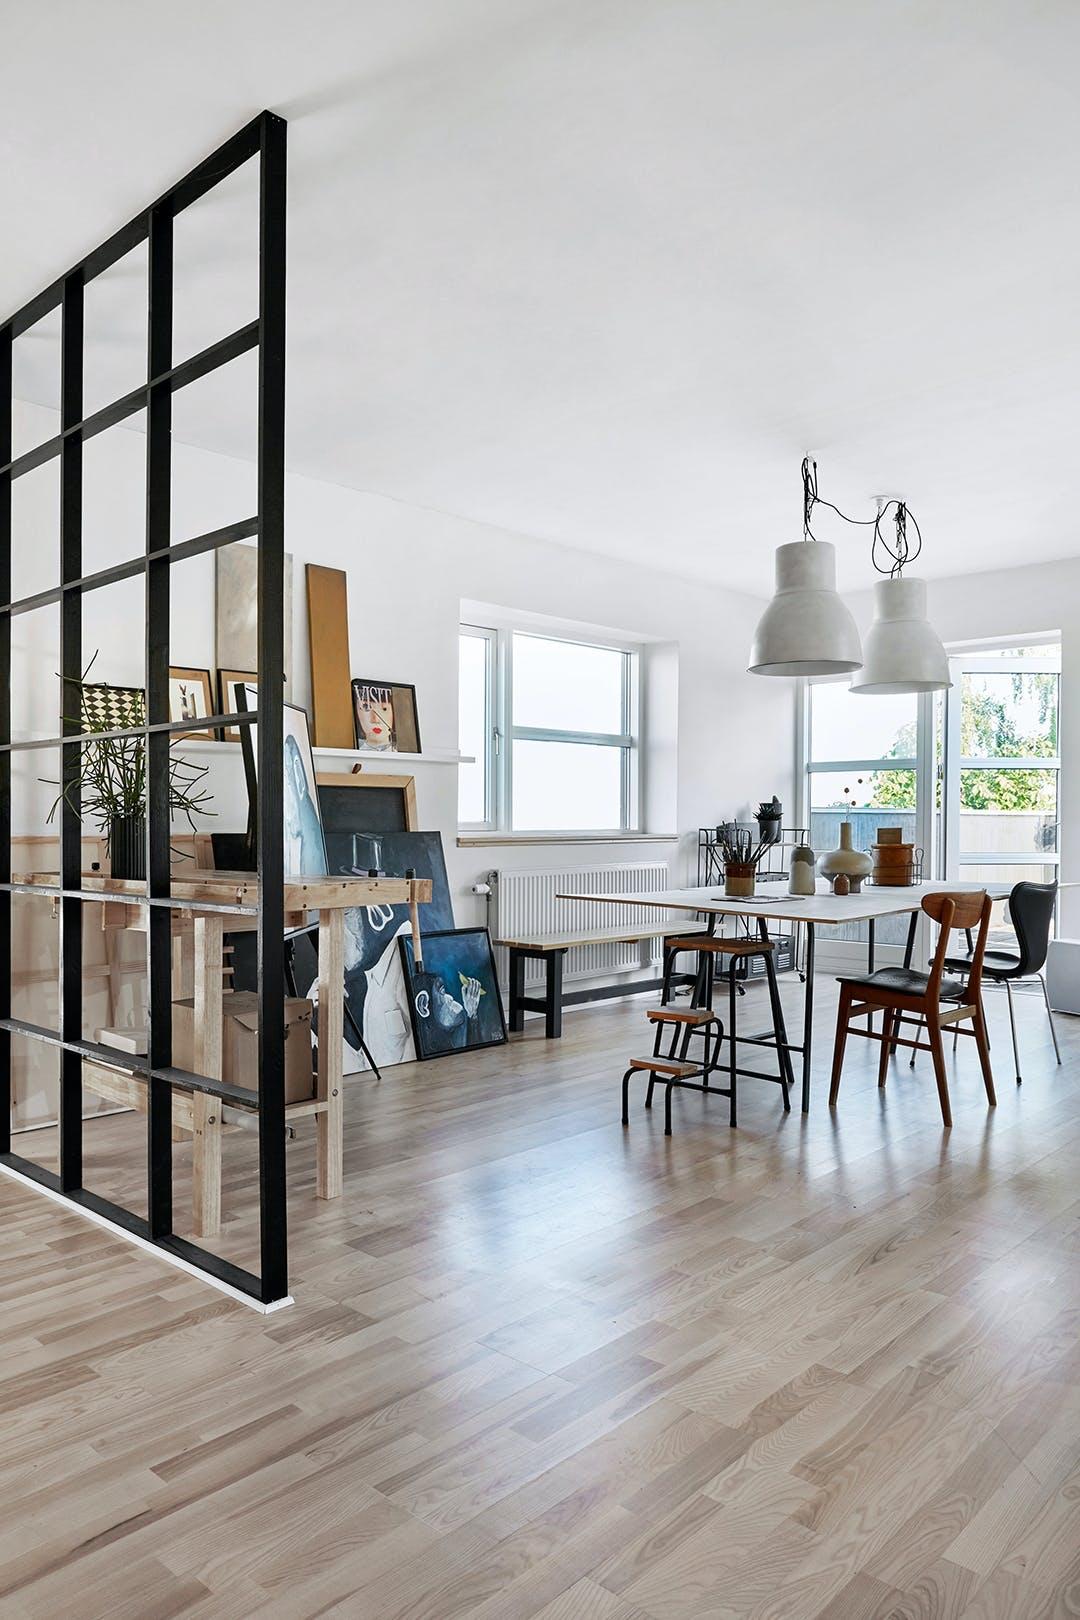 Atelier tidligere stue vinduesvæg lamper fra IKEA